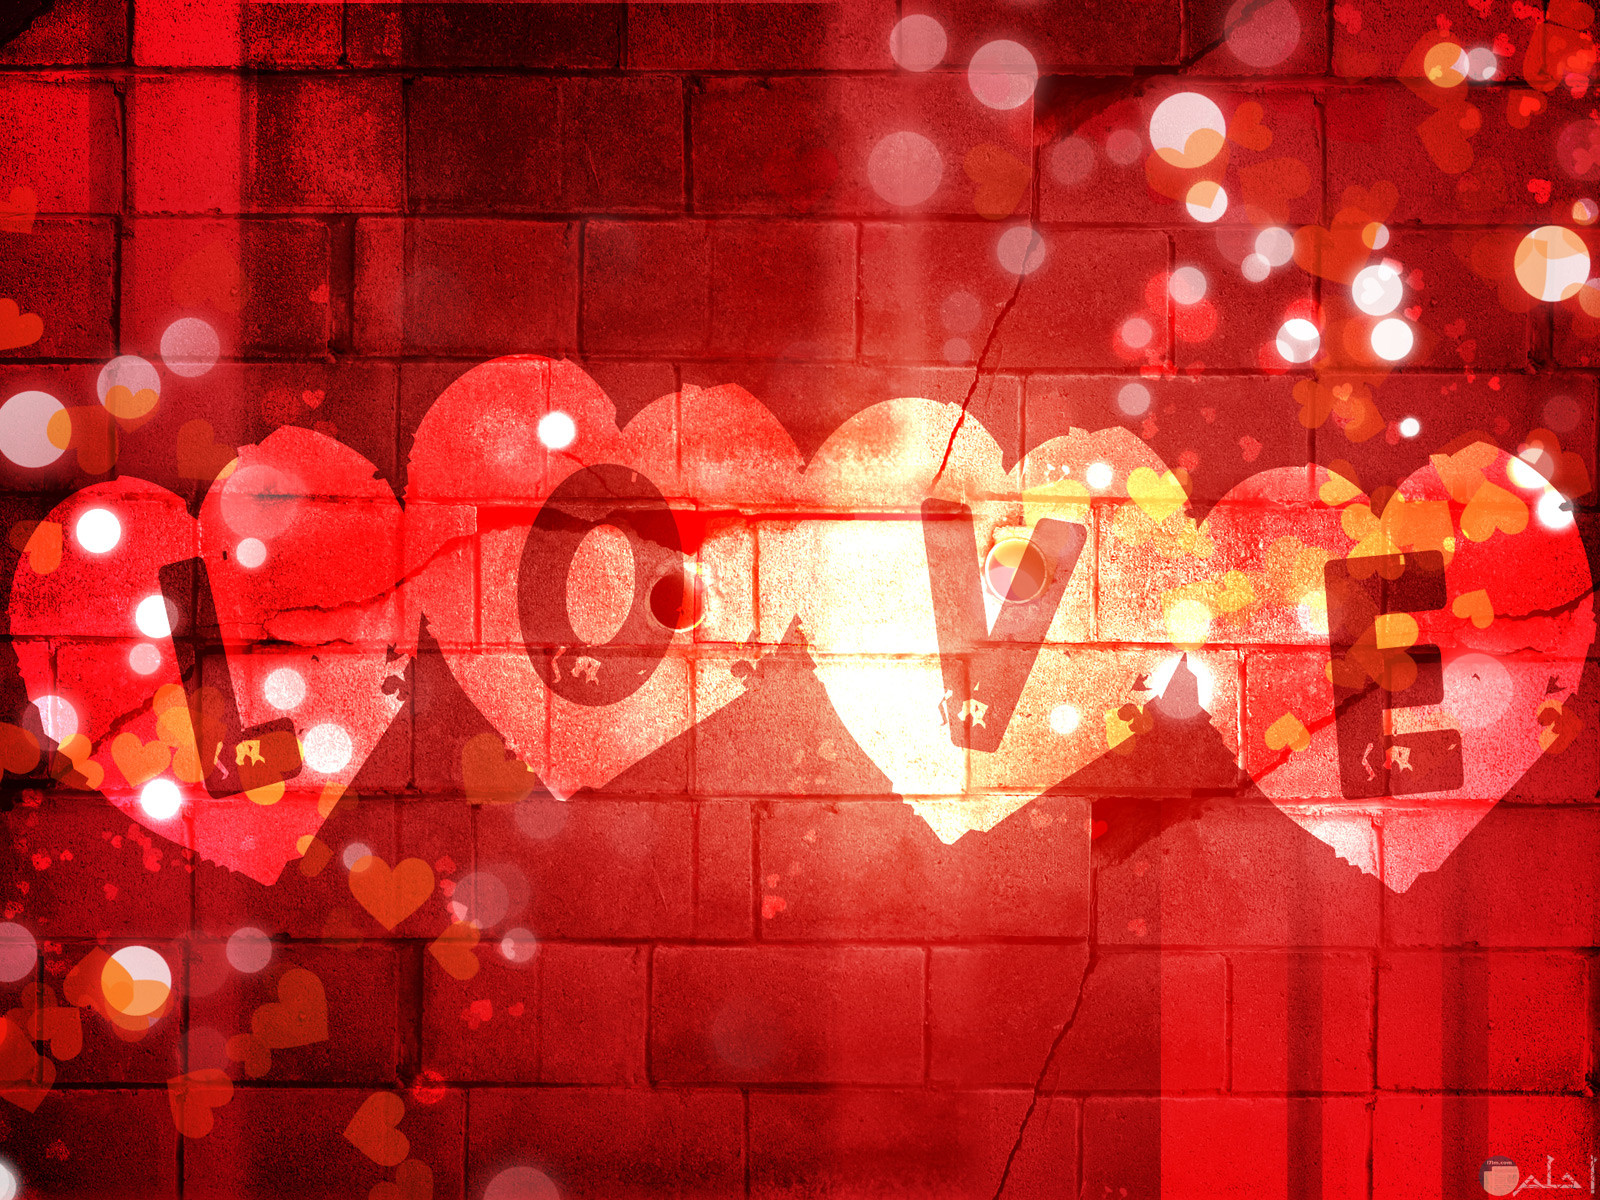 صورة كلمة حب خلفية فيس بوك.